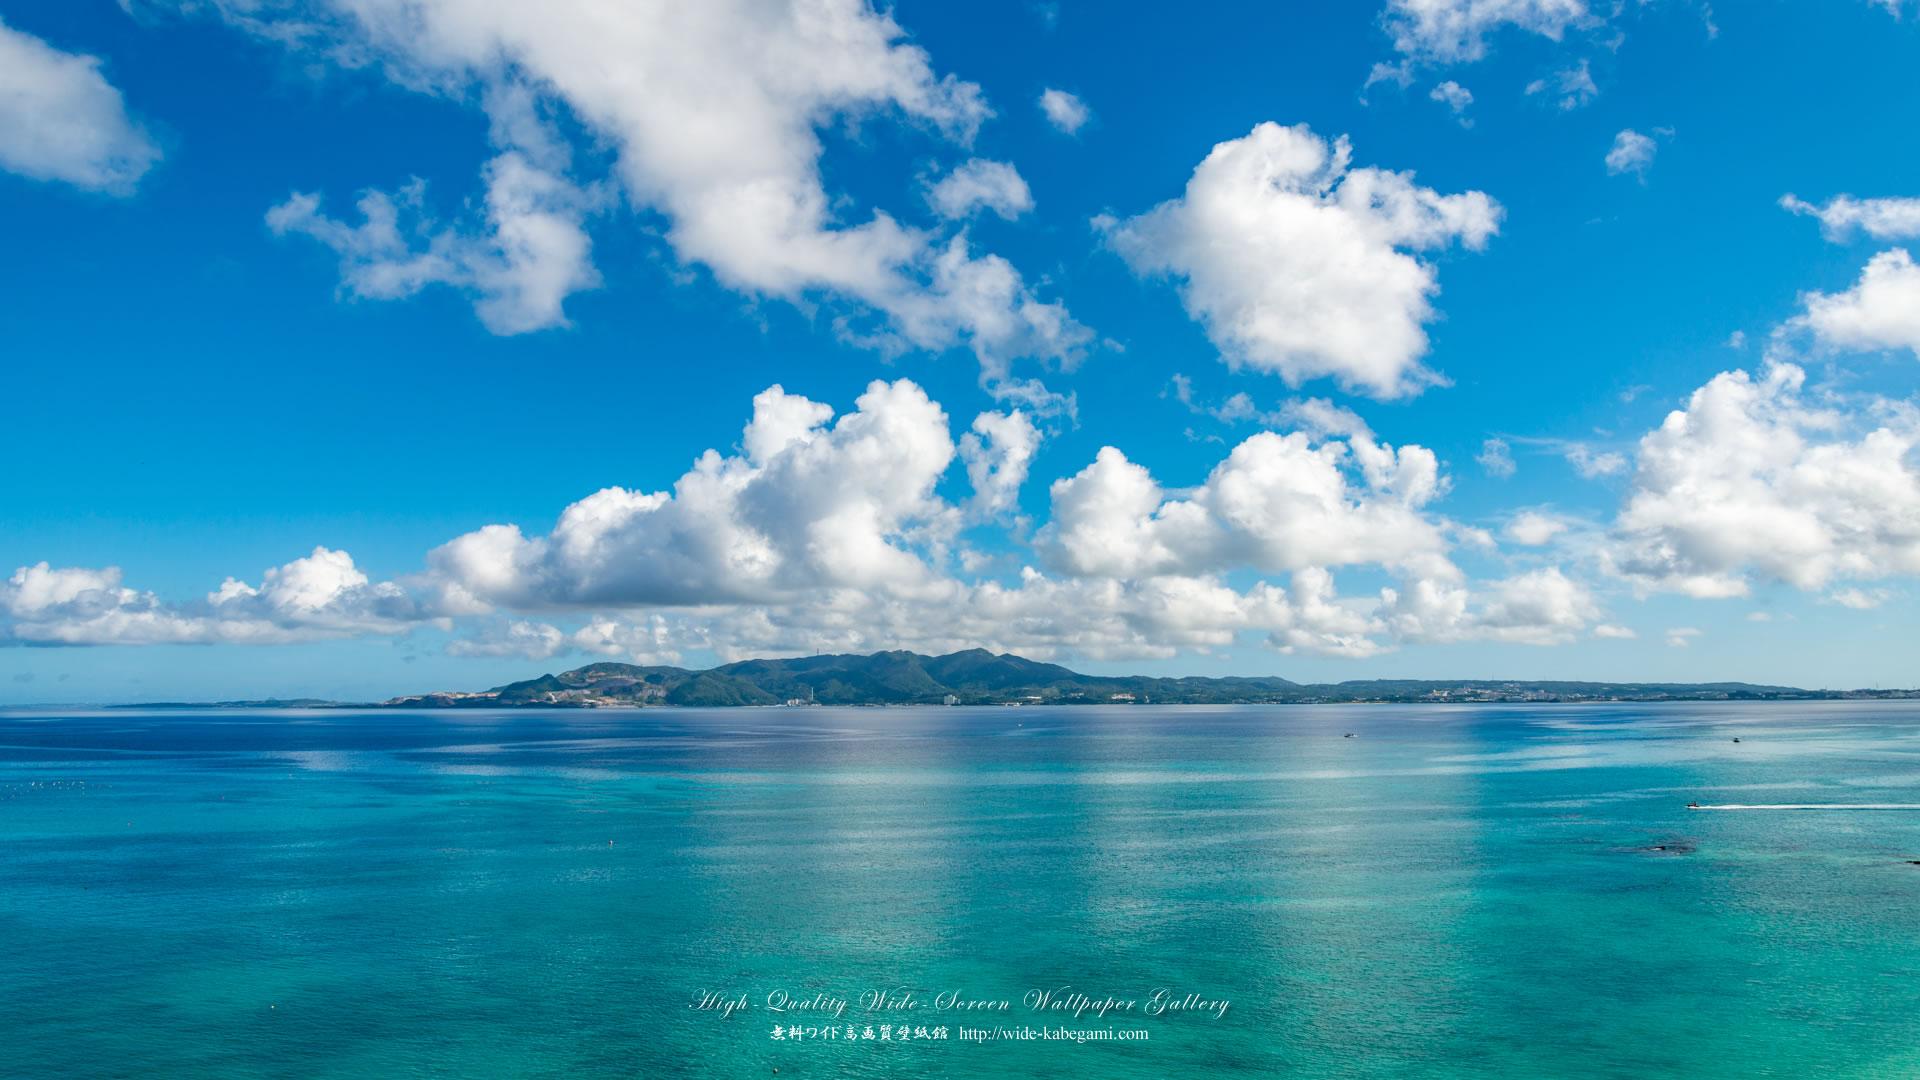 自然風景のワイド壁紙 19x1080 沖縄 青い海と白い雲 無料ワイド高画質壁紙館